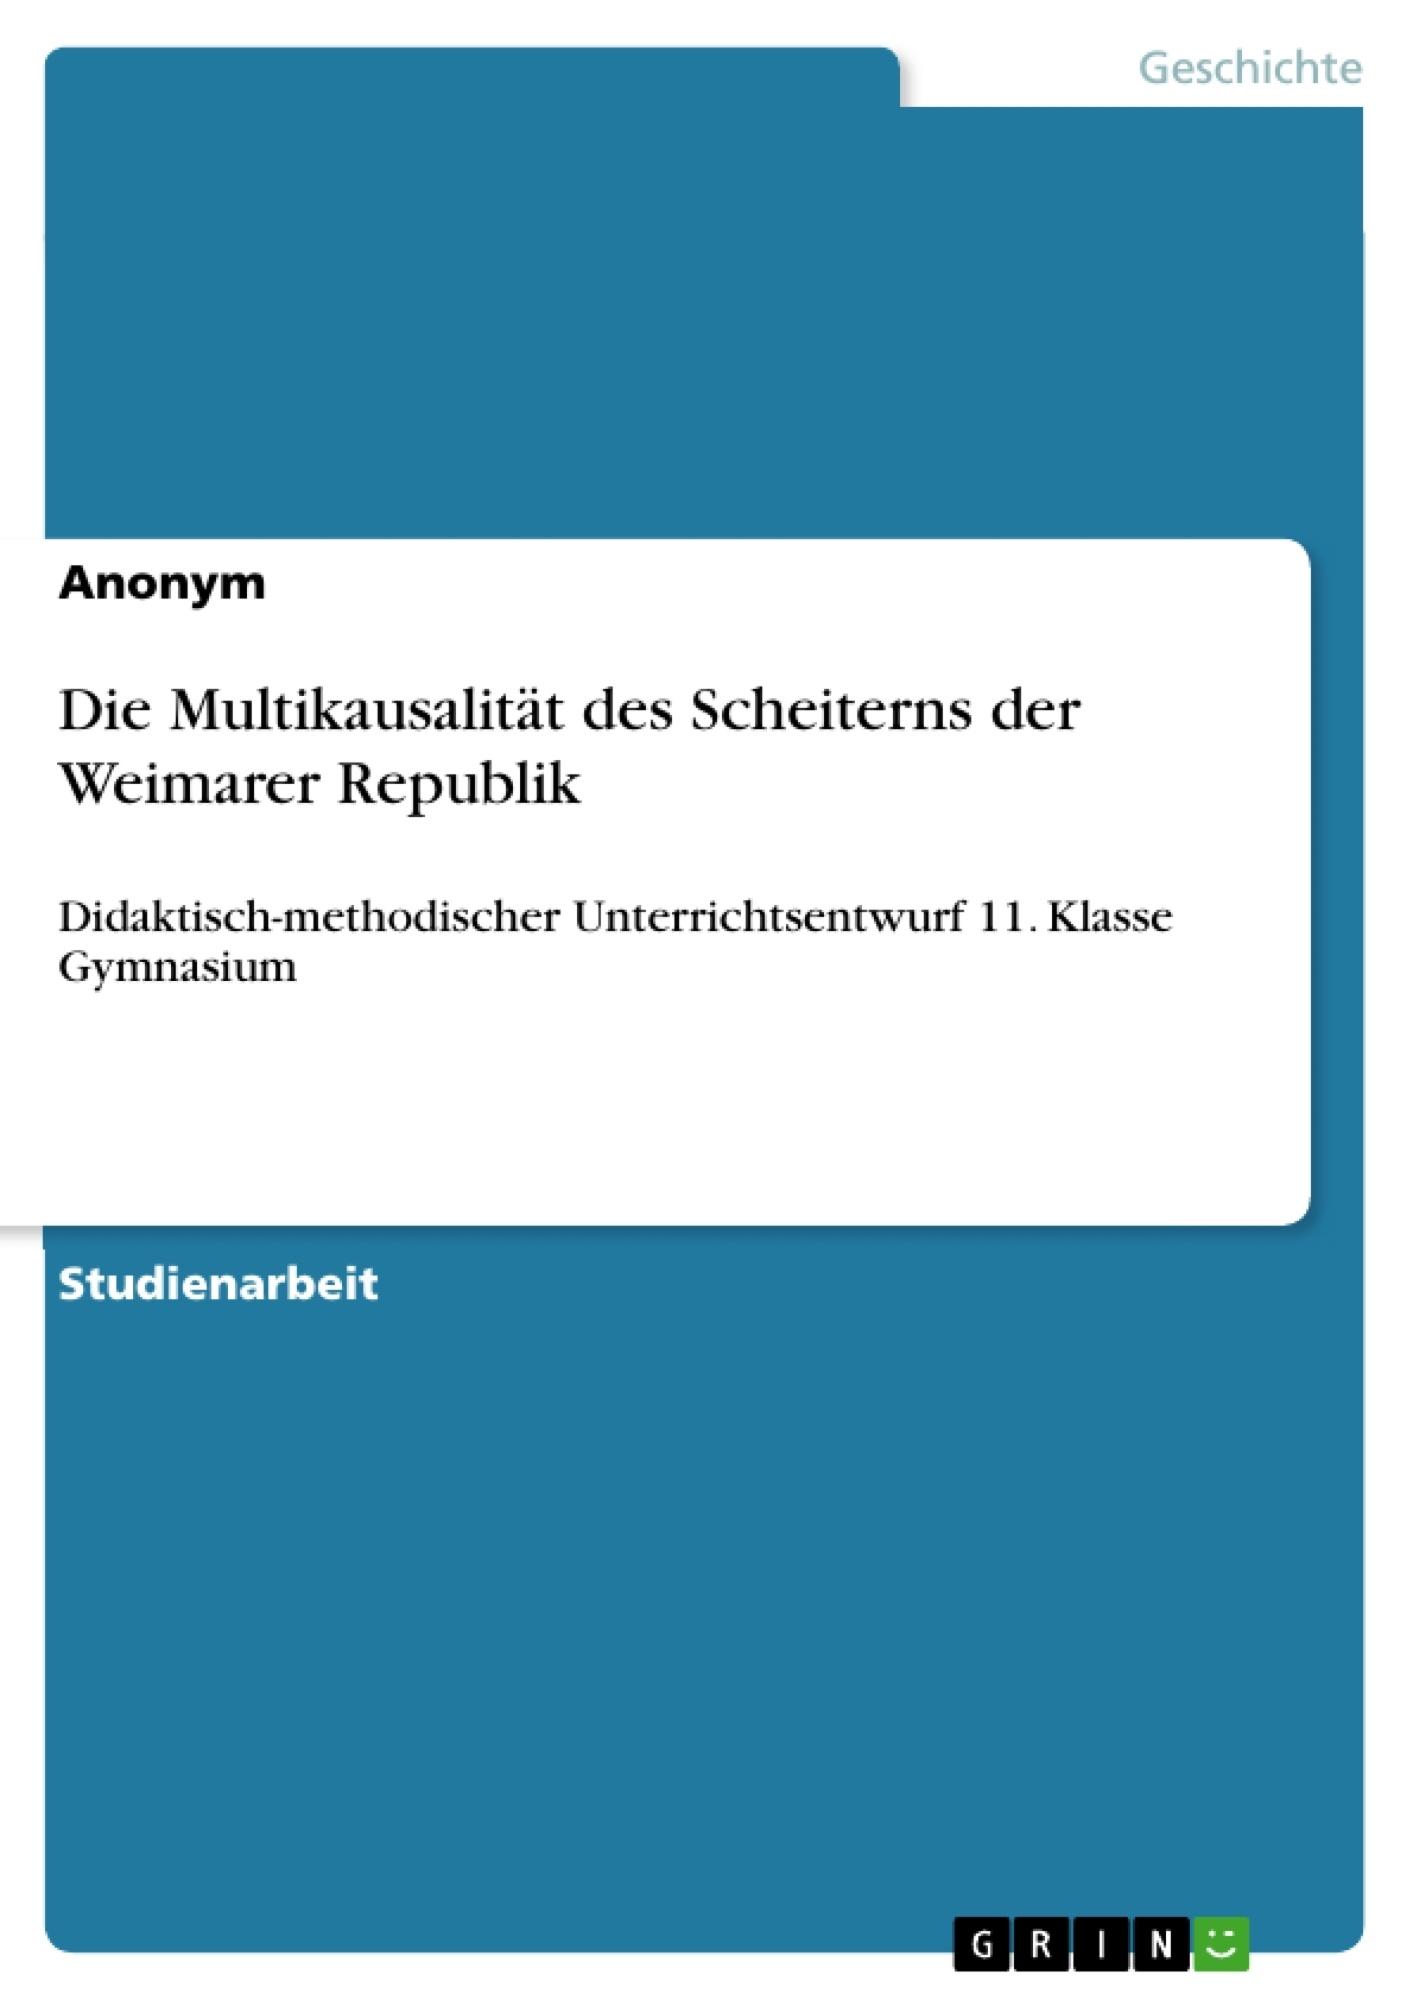 Titel: Die Multikausalität des Scheiterns der Weimarer Republik